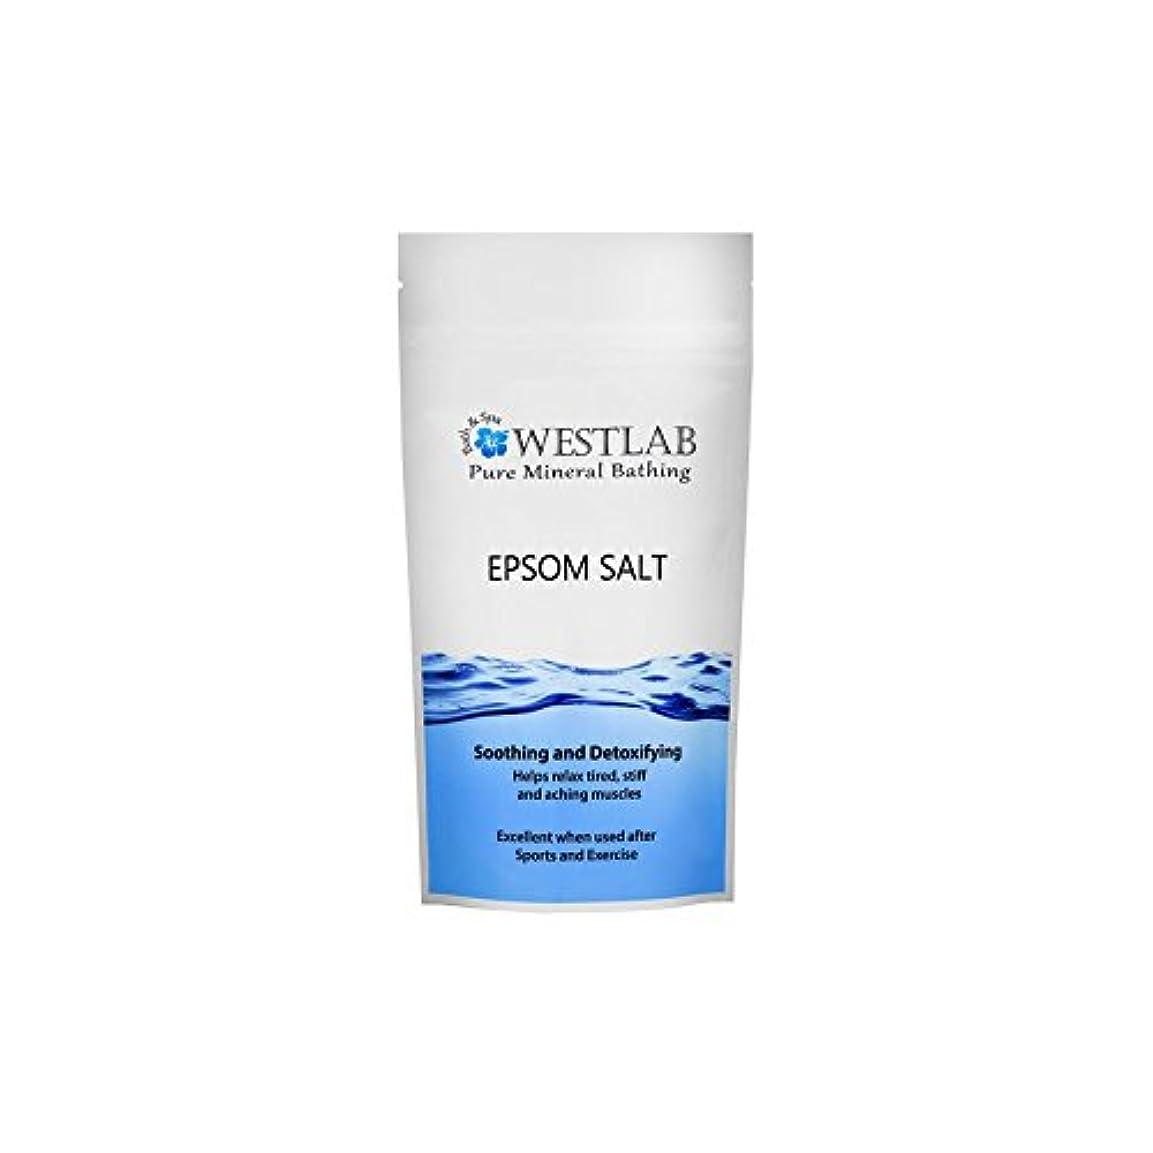 甘い先入観メンテナンスエプソム塩の2キロ x2 - Westlab Epsom Salt 2kg (Pack of 2) [並行輸入品]